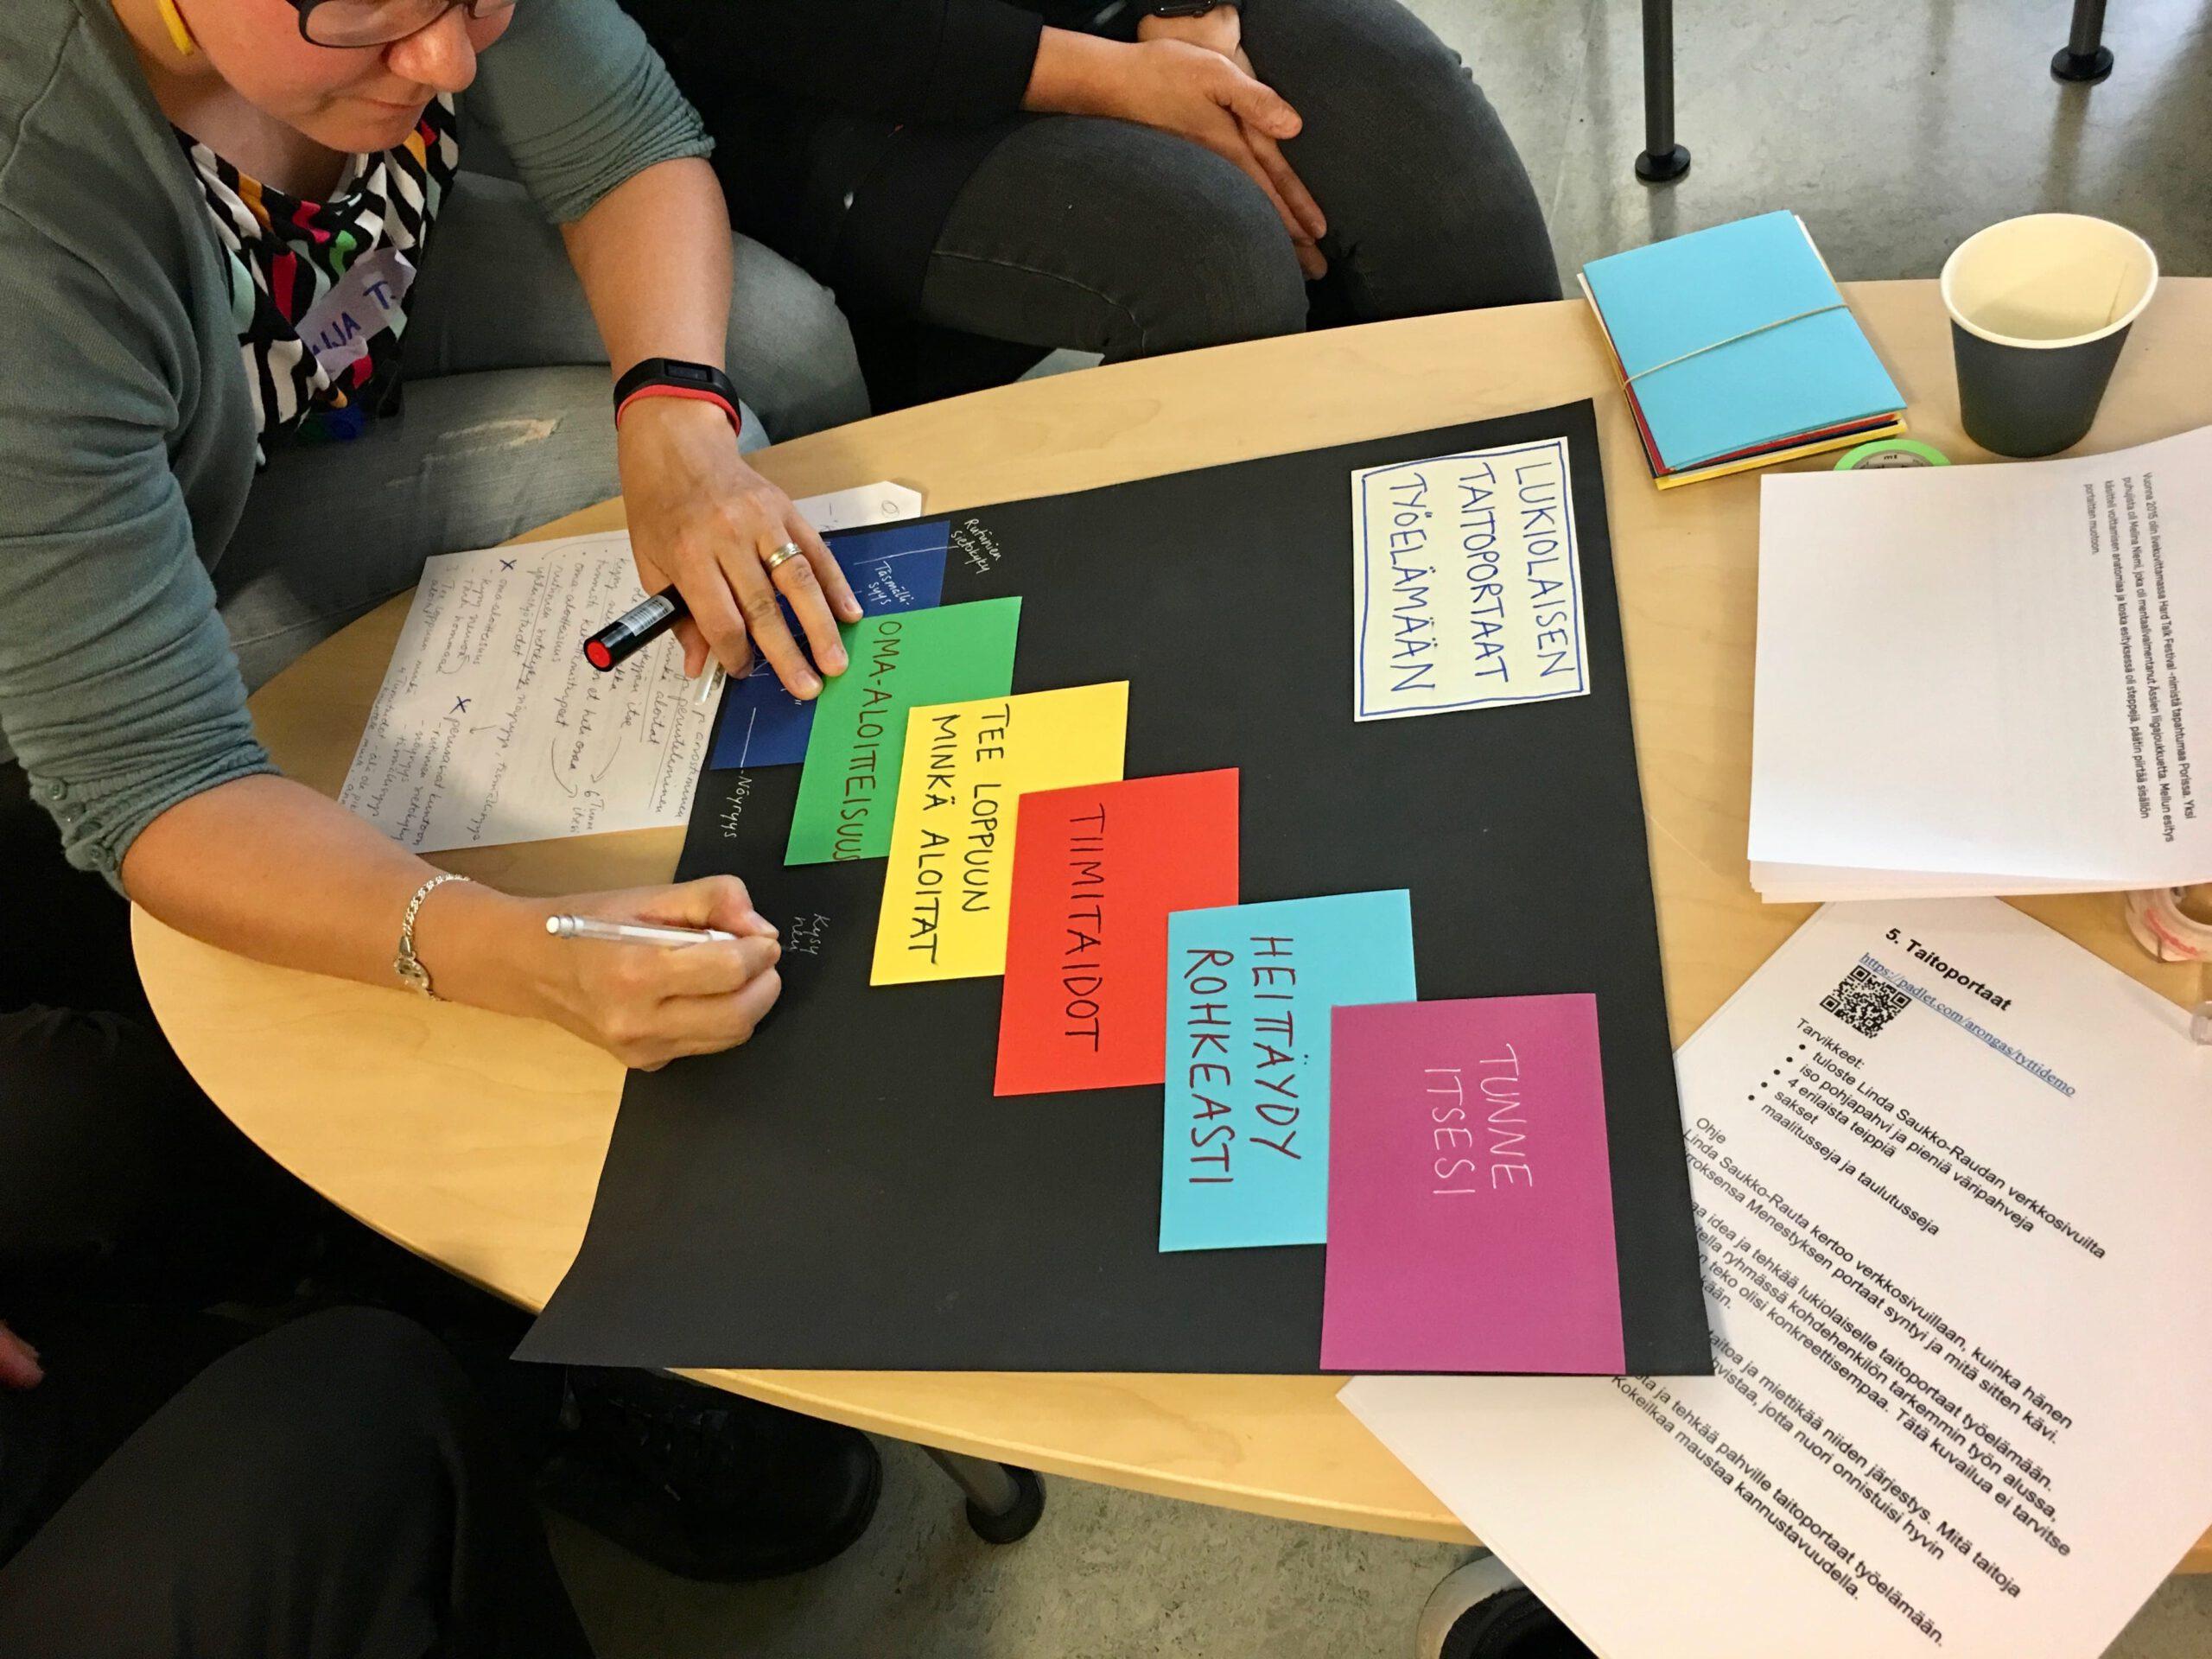 Opettajia työstämässä posteria